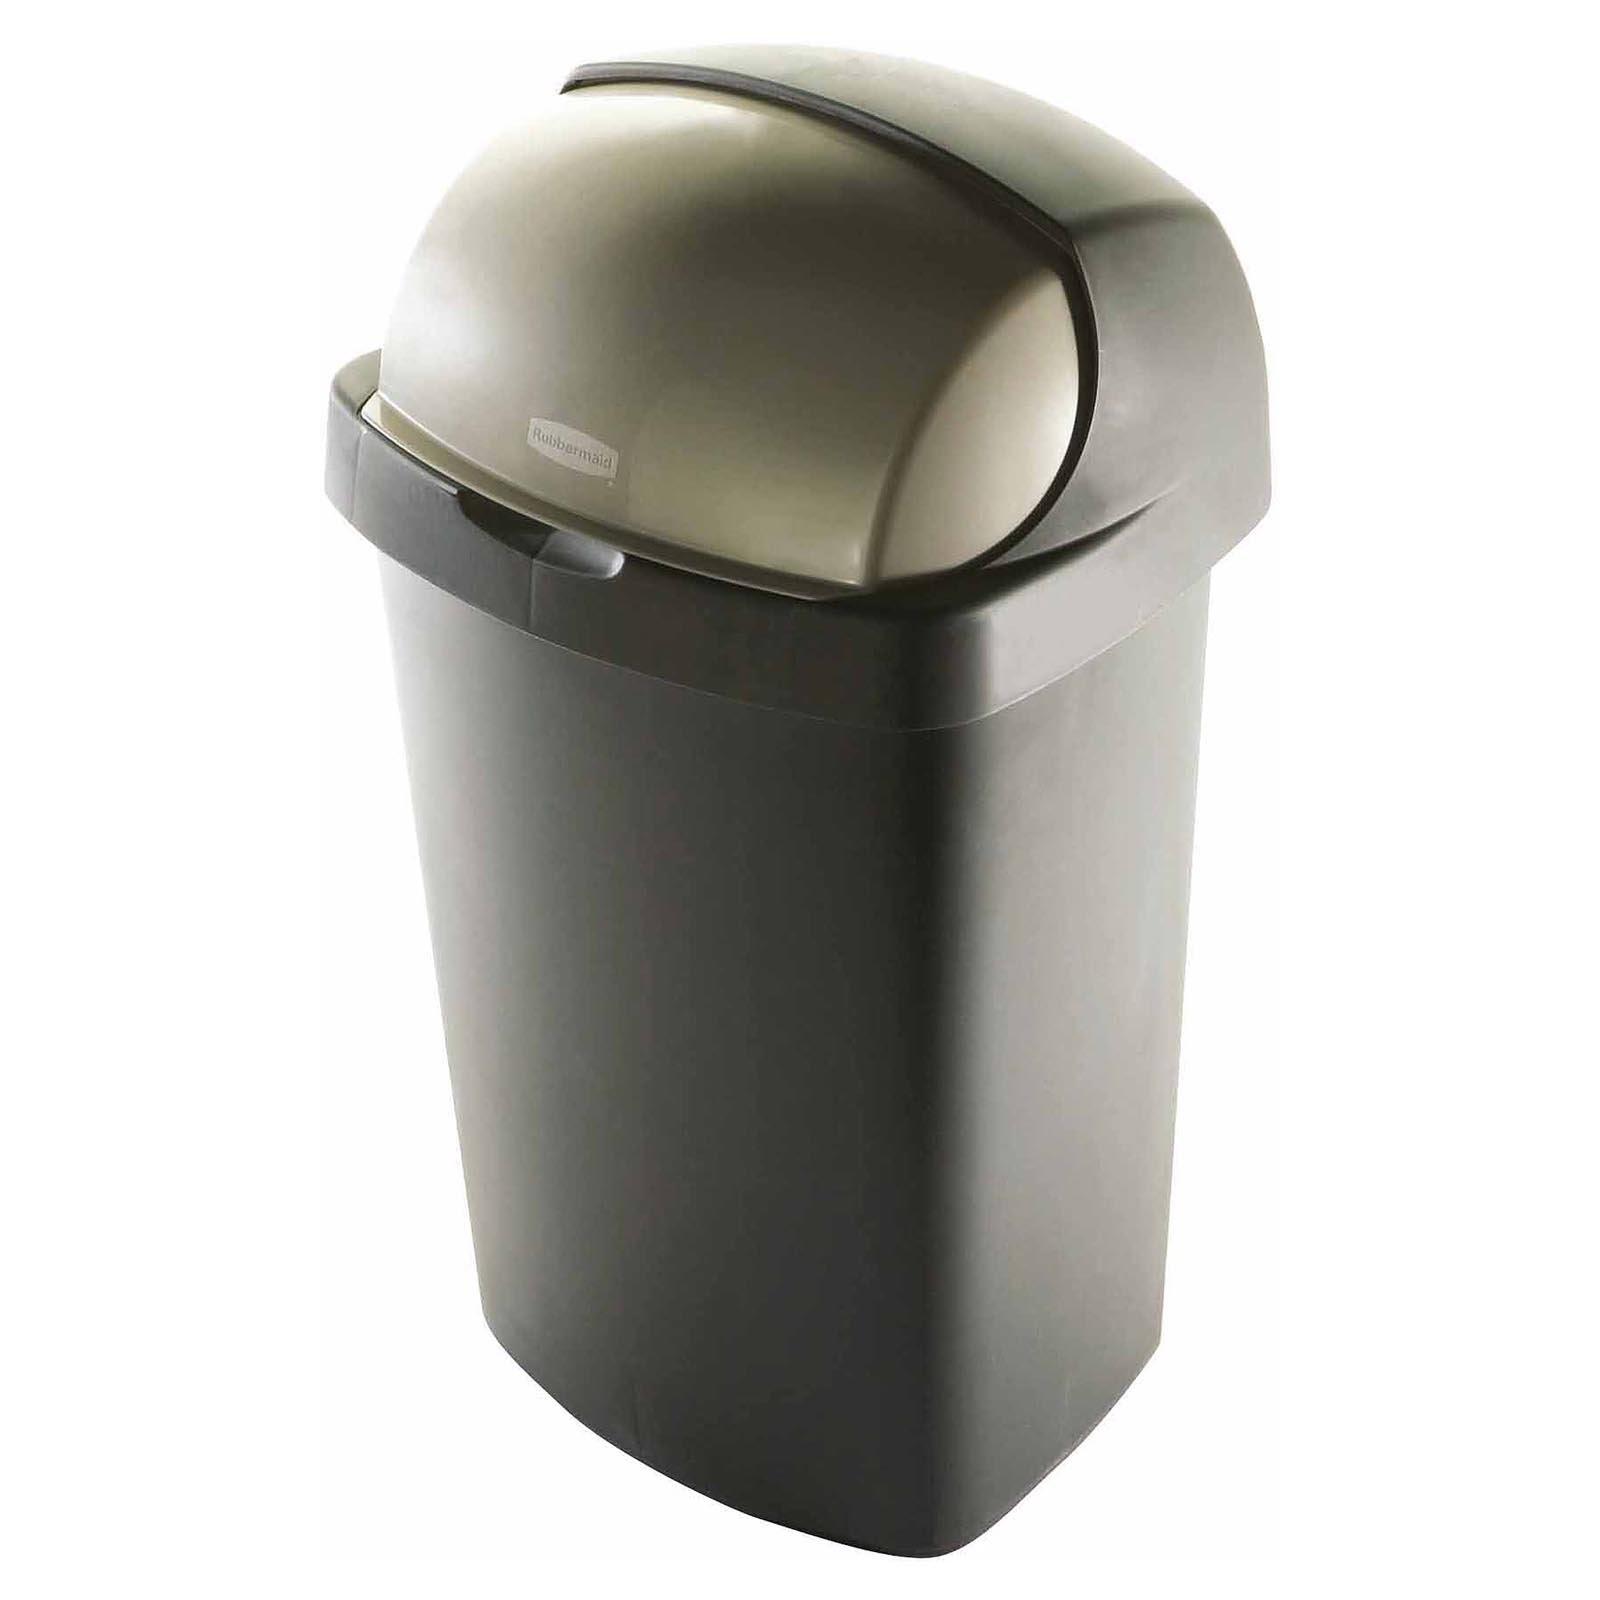 Rubbermaid 13 Gallon Roll Top Wastebasket Bronze In 2019